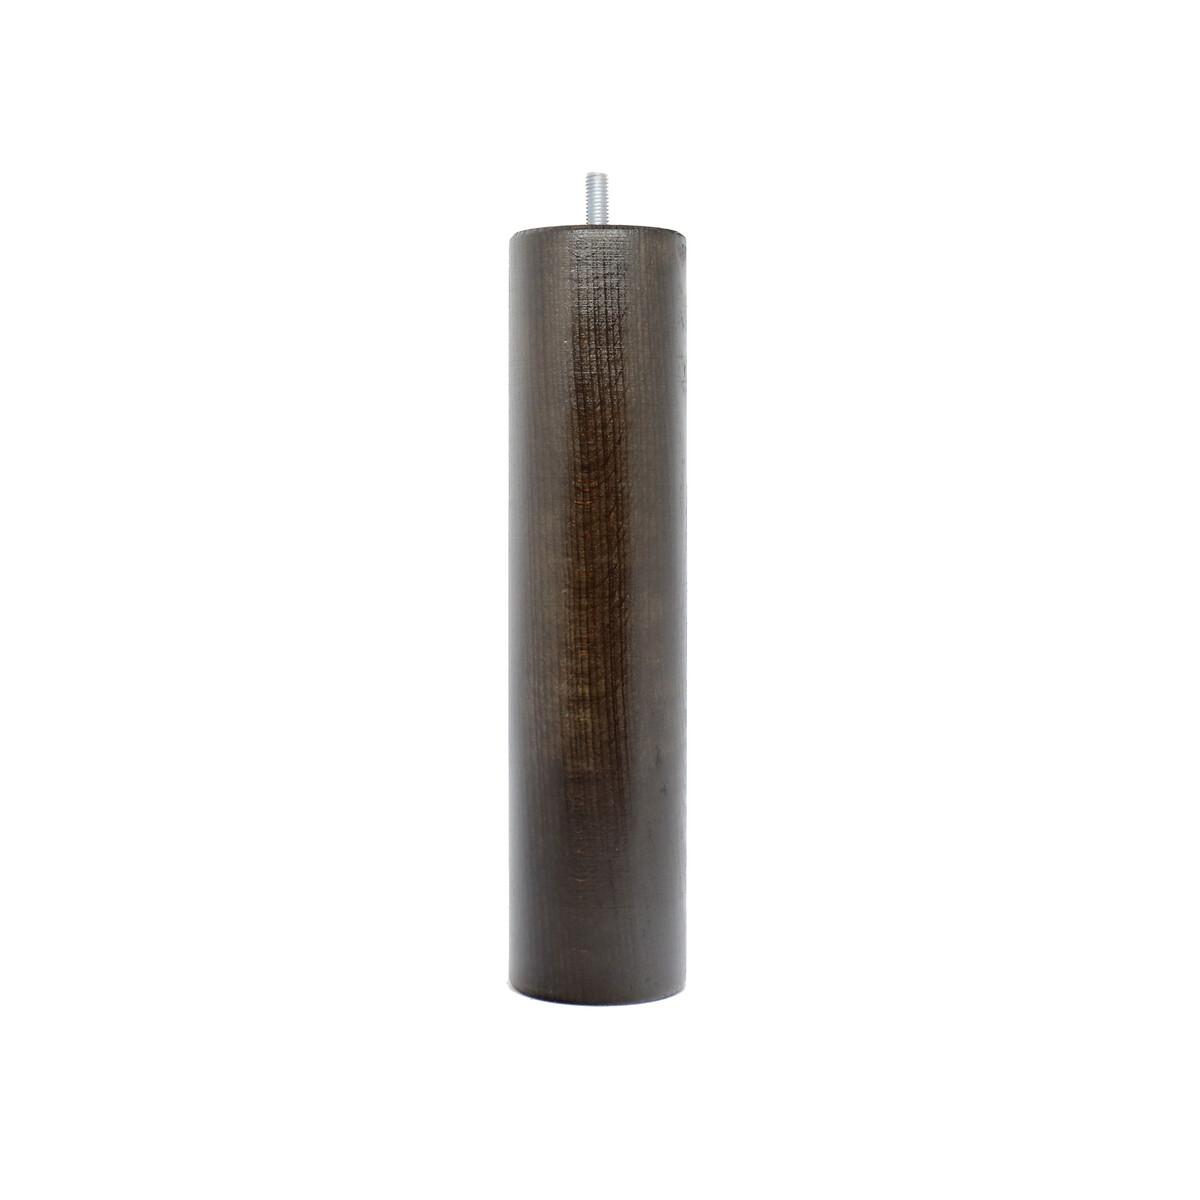 Набор LaRedoute Из 4 ножек для кроватного основания цилиндрической формы высота 25 см единый размер черный основания для кроватей